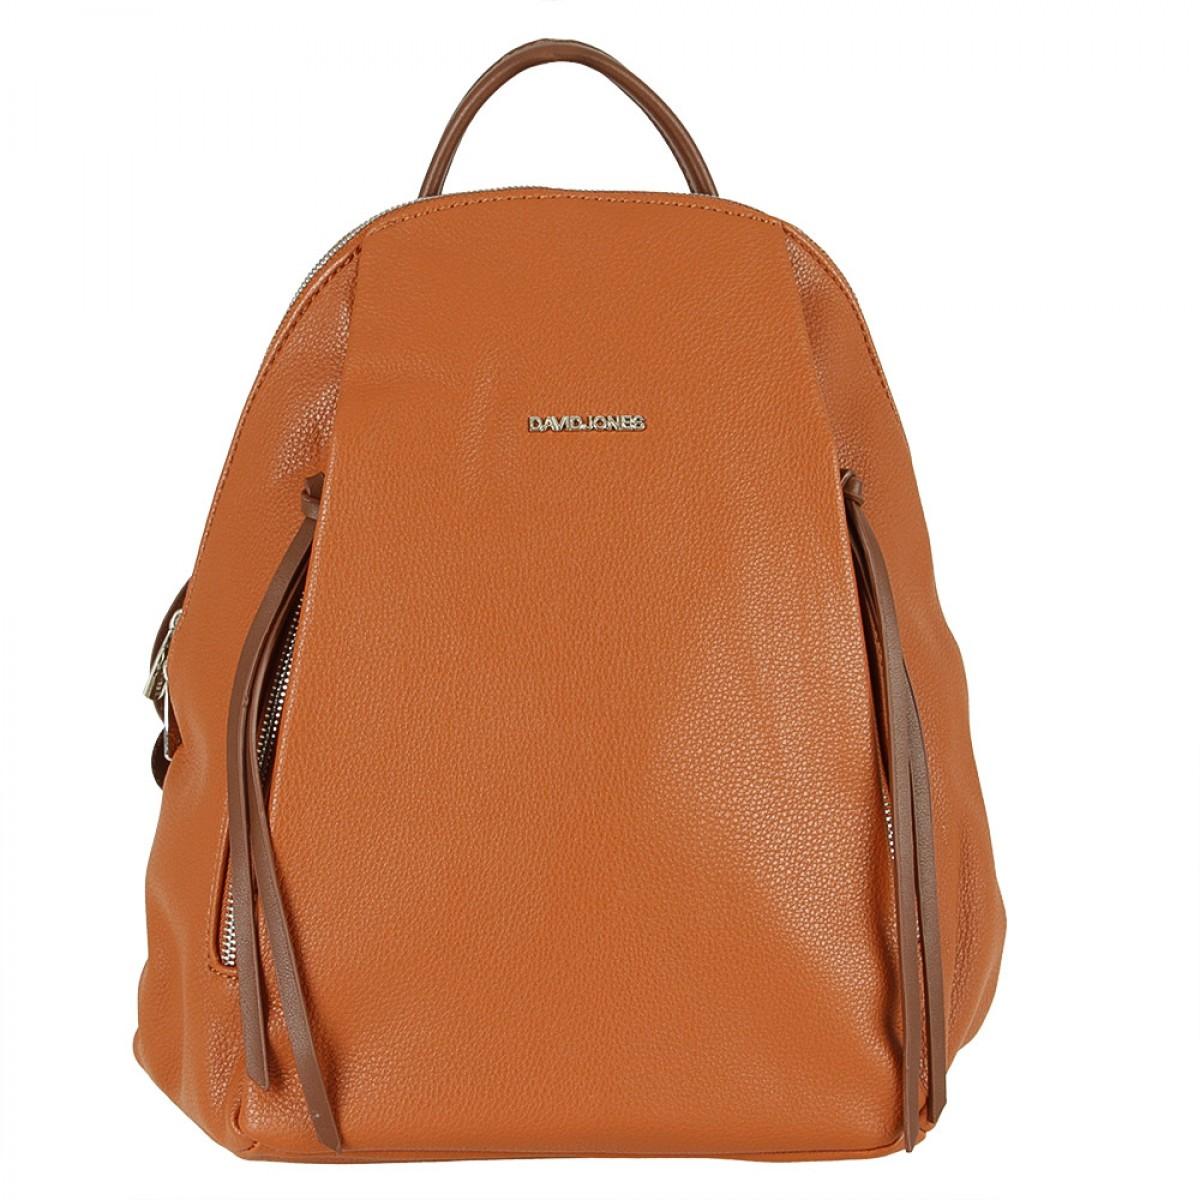 Жіночий рюкзак David Jones 6218-3 COGNAC